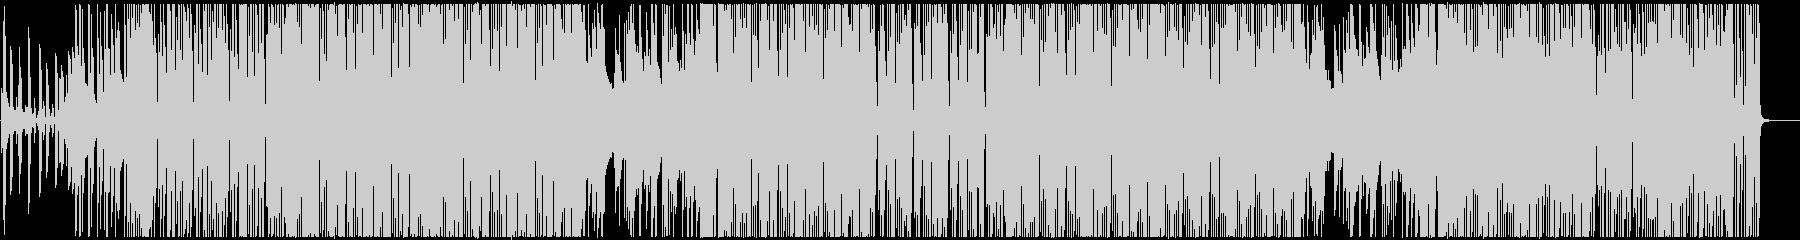 軽快でおしゃれなポップBGMの未再生の波形